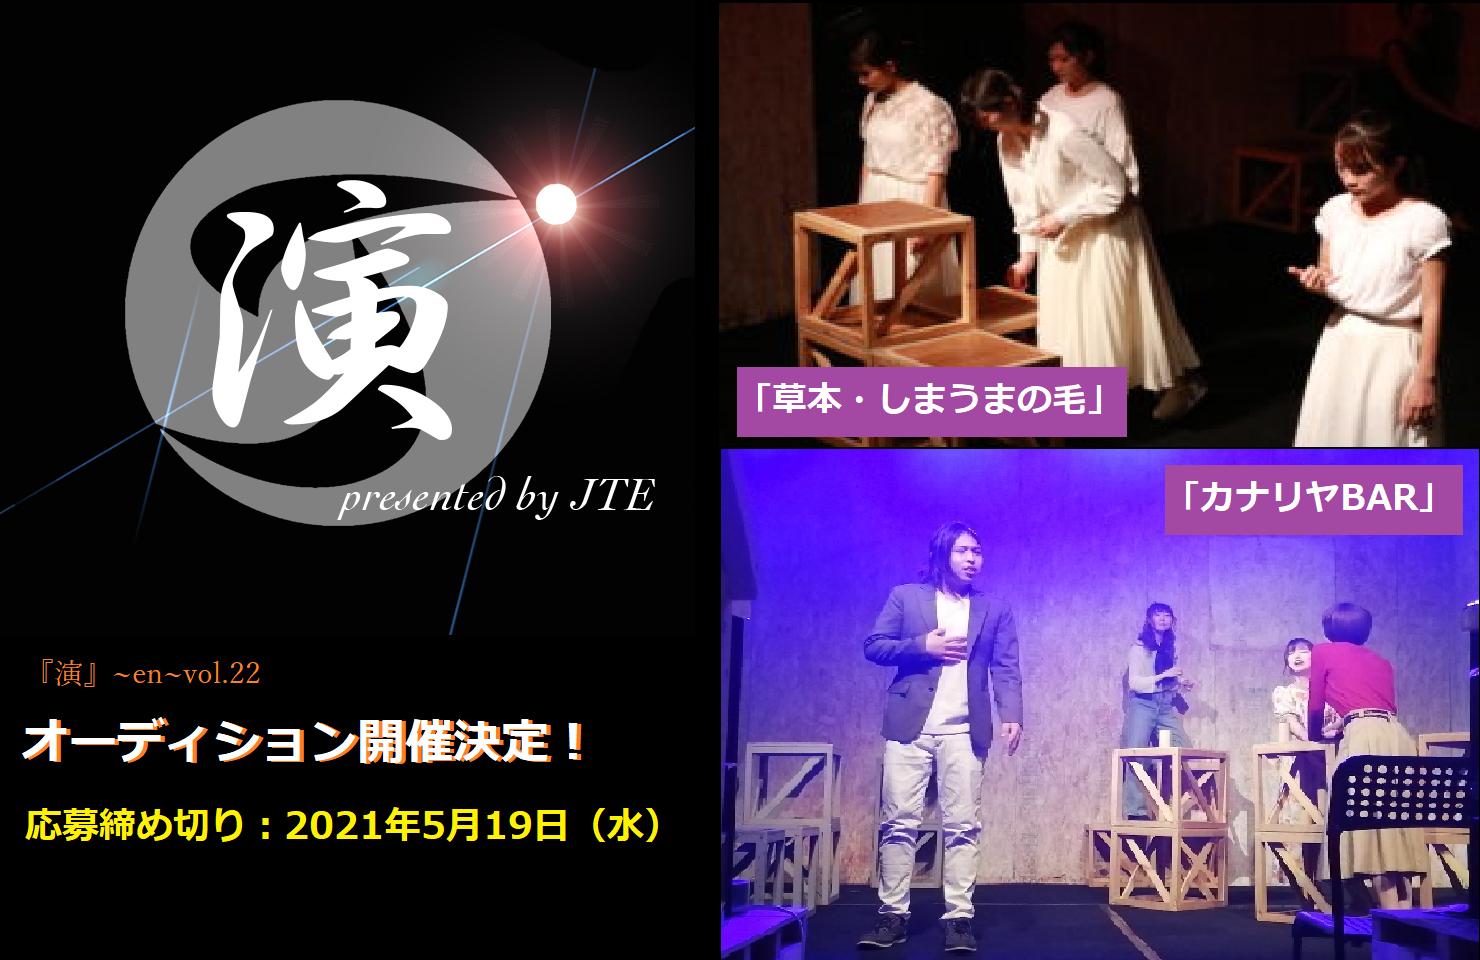 次回『演』公演予定のロゴと過去公演の写真